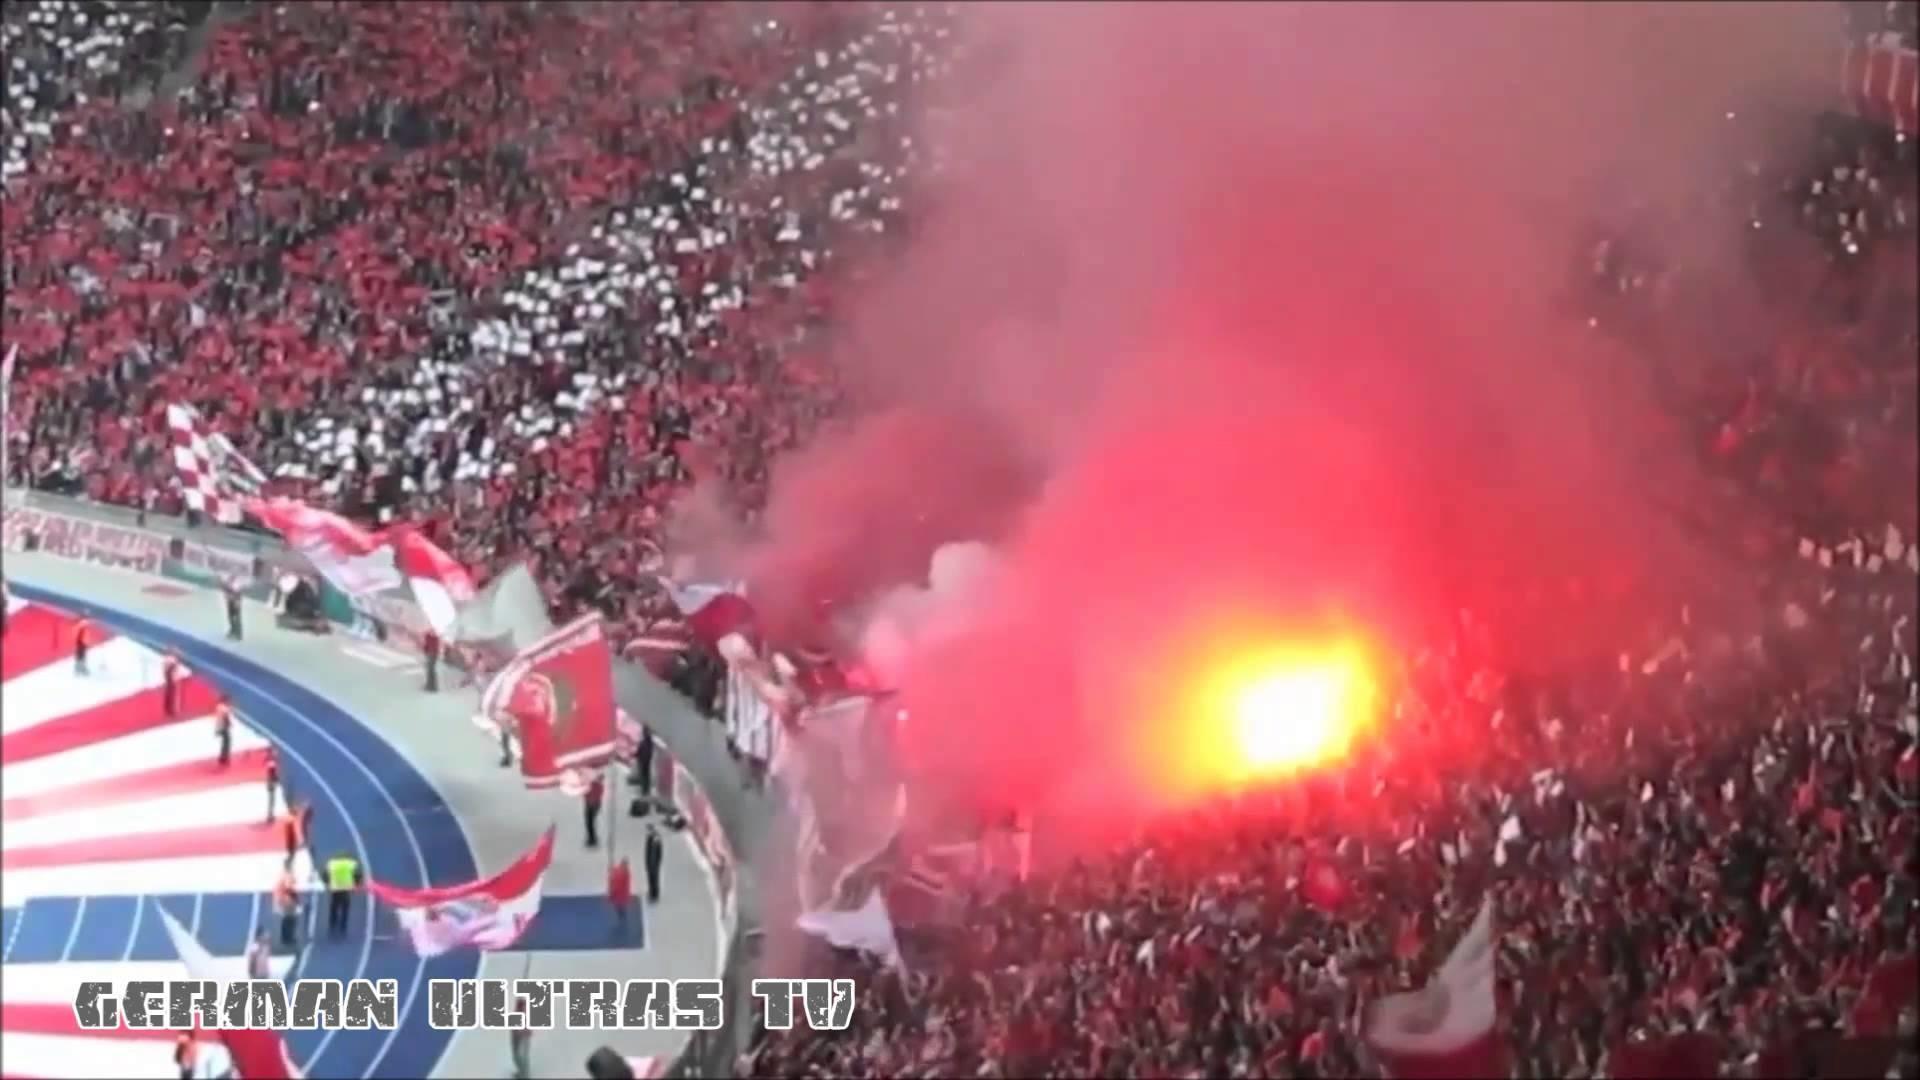 FC Bayern München Ultras #001 HD